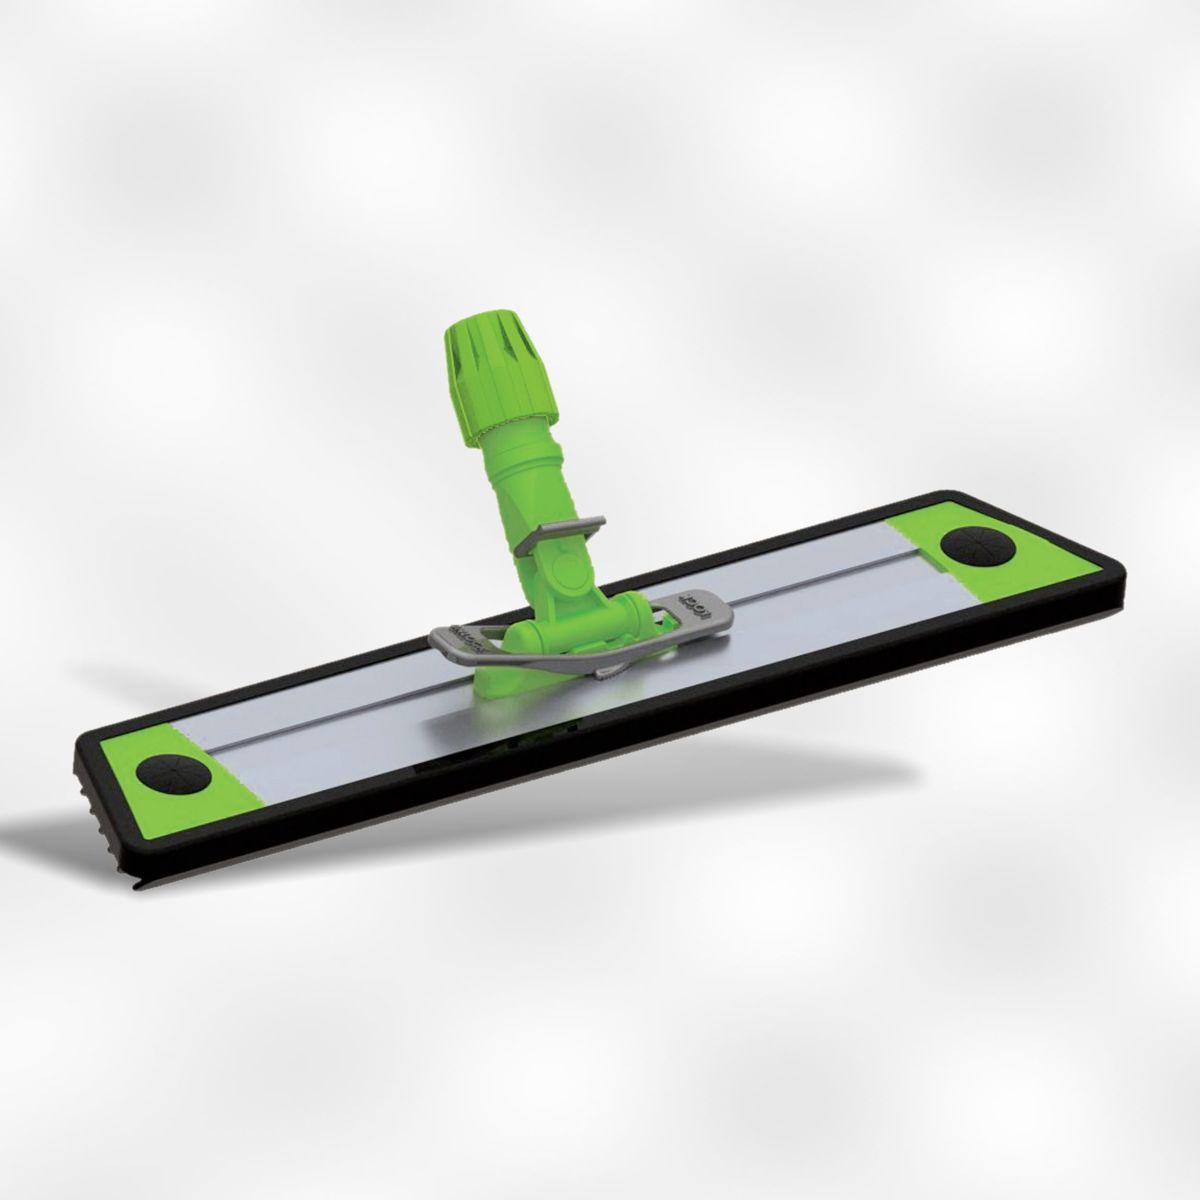 Laminaatreiniger - Stofwisdoekhouder - LamiRail met rubber - 55 cm kopen